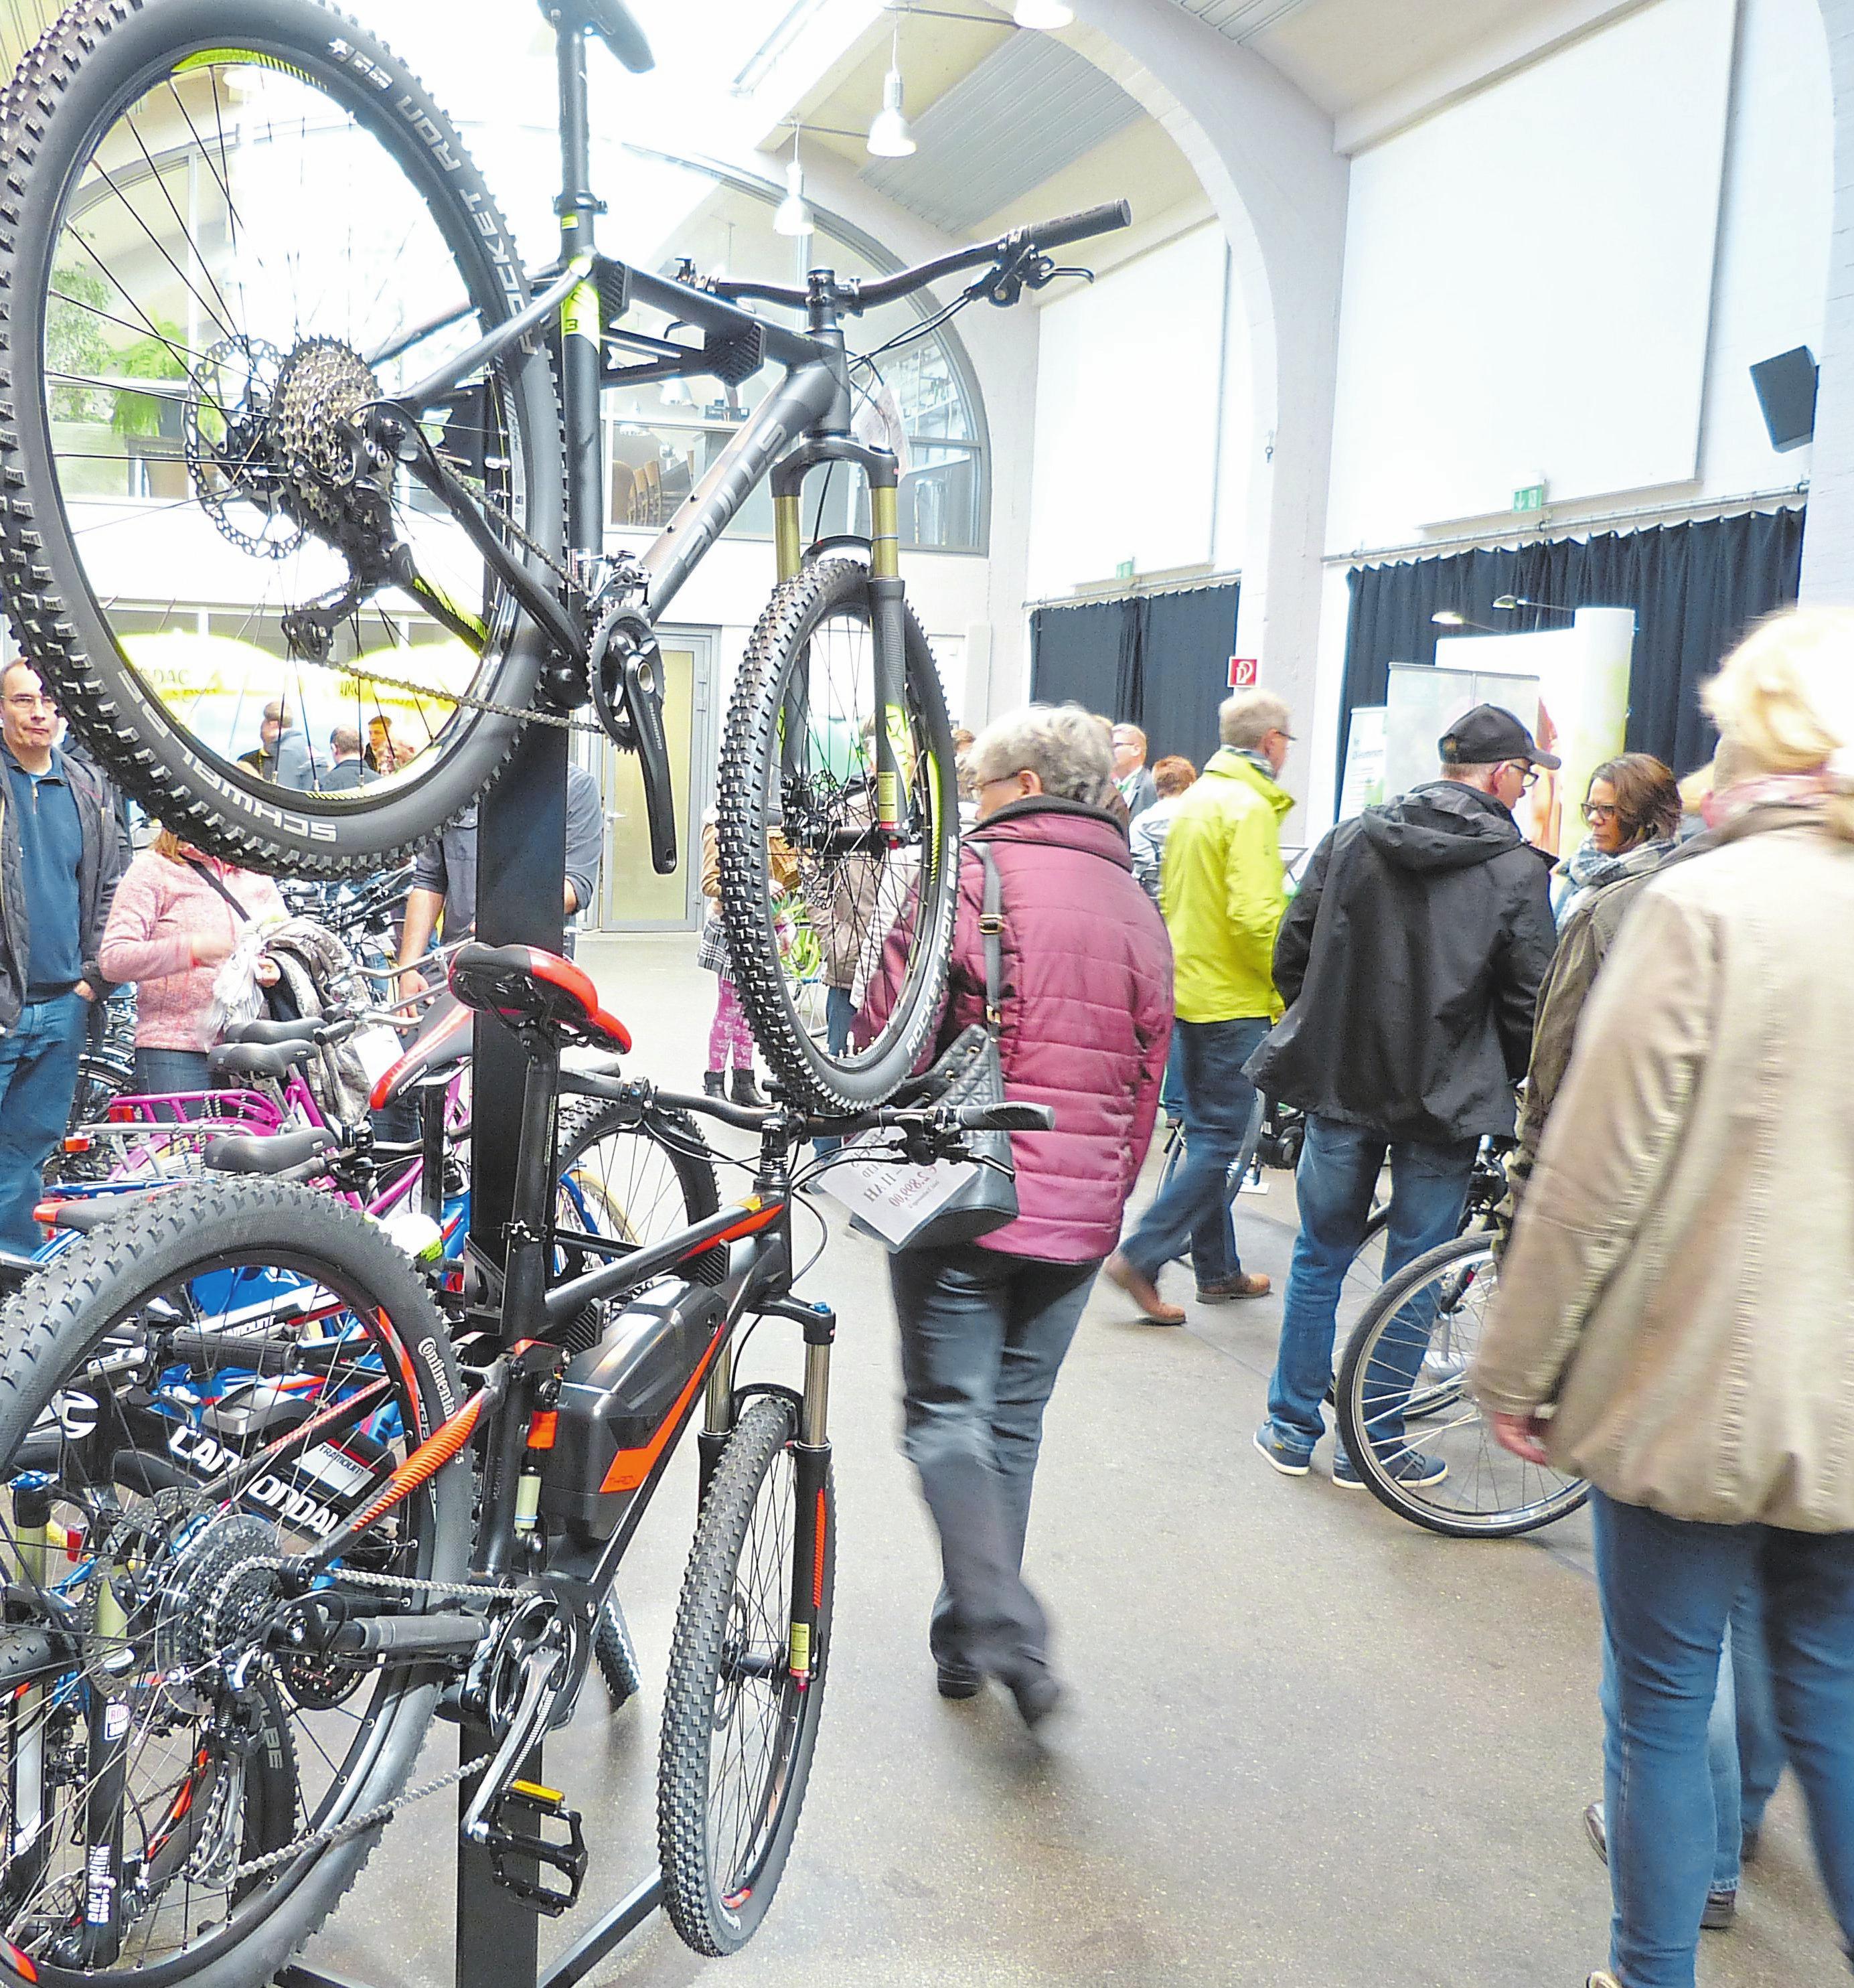 """Fahrräder und E-Bikes werden bei der neu konzipierten Messe """"Fitness und Freizeit"""" im Fokus stehen. Foto: Paul Meyer zu Brickwedde"""